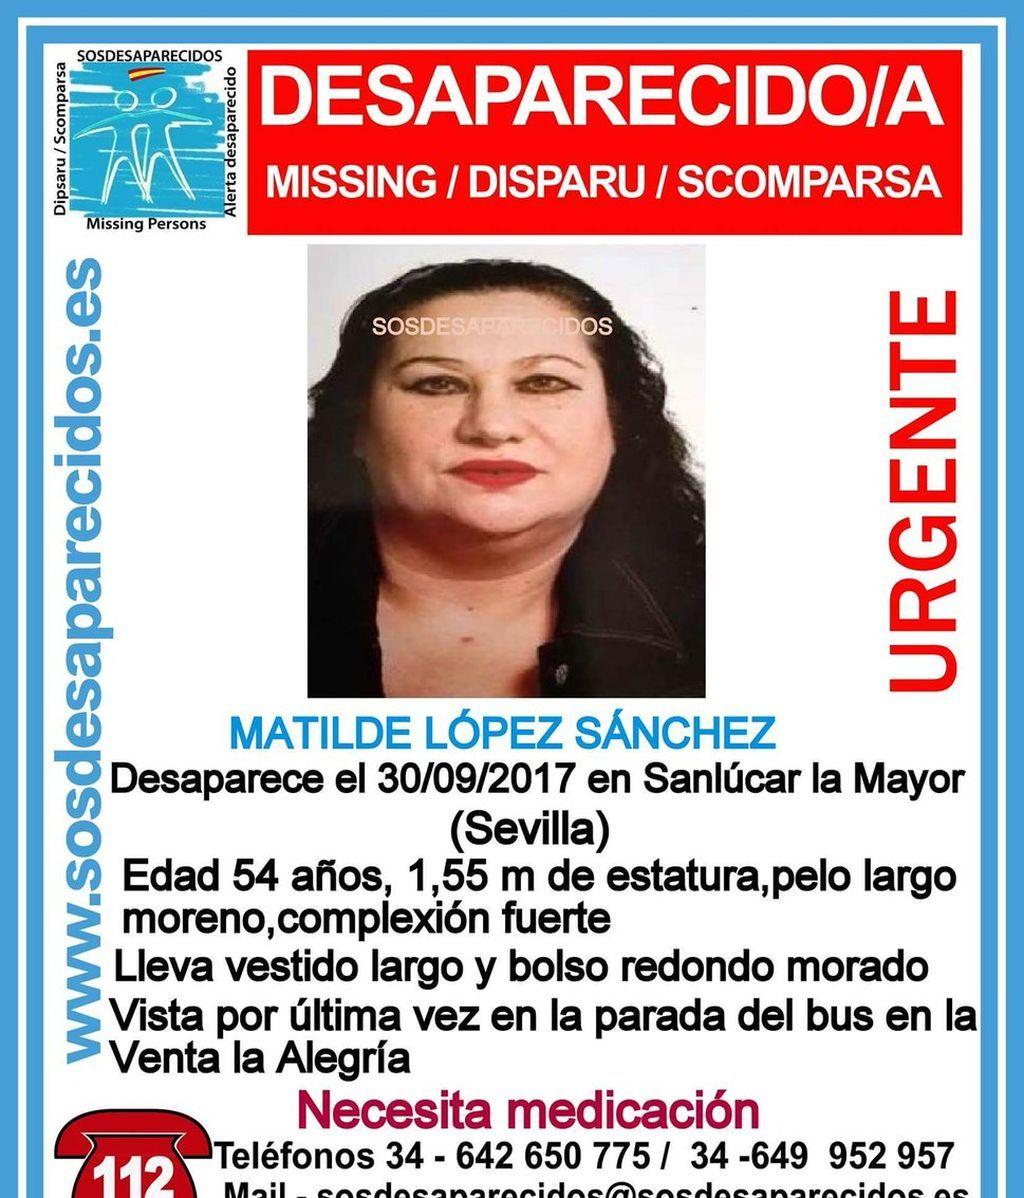 Desaparece una mujer de 54 años en Sanlúcar la Mayor (Sevilla)